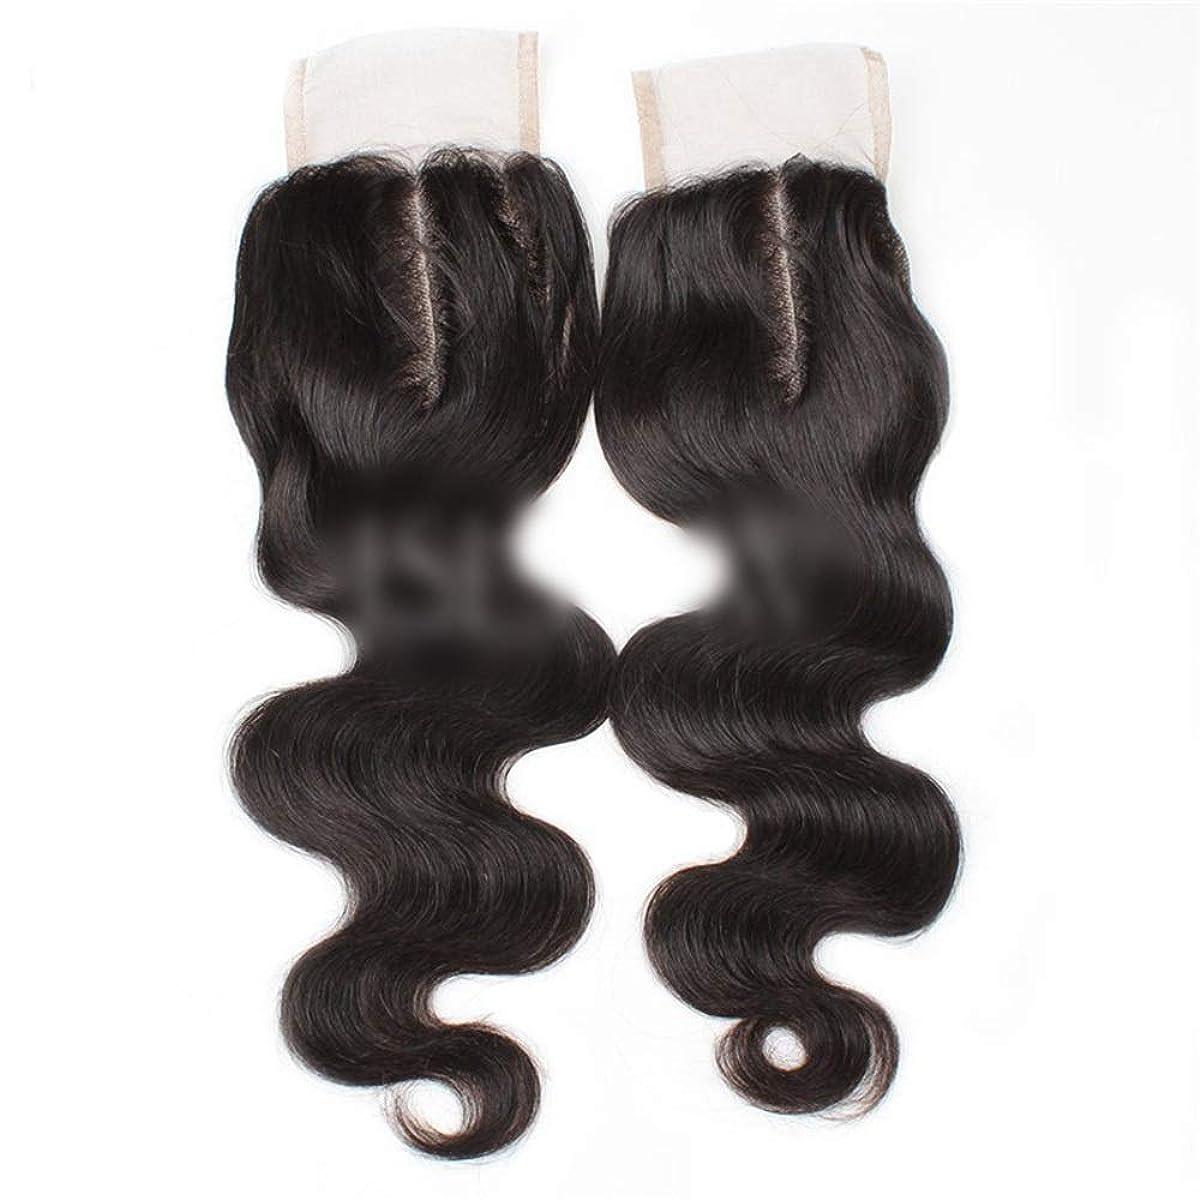 半径ギャングスター封建YESONEEP 9aブラジル髪実体波中間部4×4レース閉鎖人間の髪の毛ナチュラルブラック8